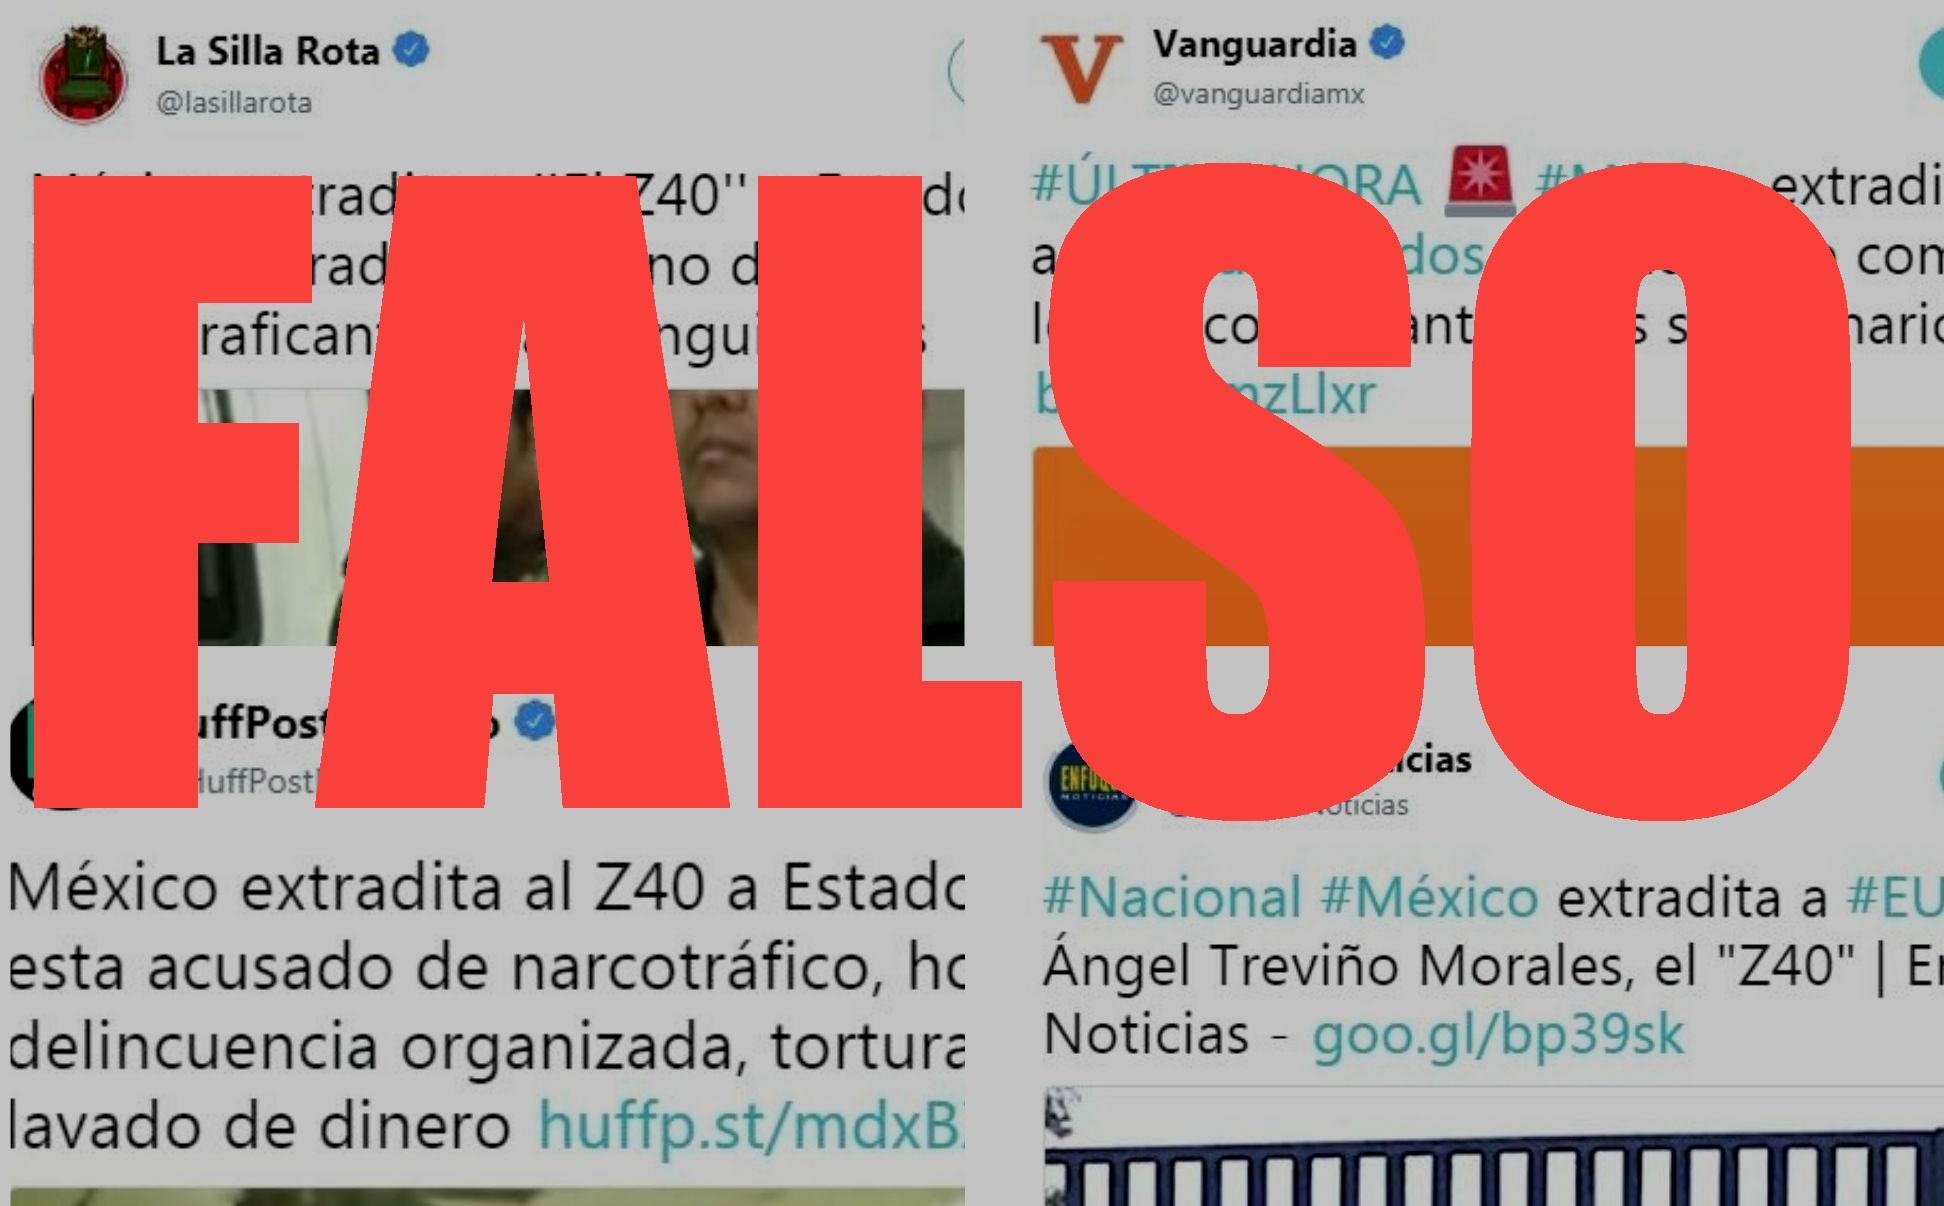 """Collage de capturas de pantalla del 19 de julio de 2018 de algunos de los tuits a través de los cuales se propagó la """"noticia"""" sobre la extradición del capo mexicano."""